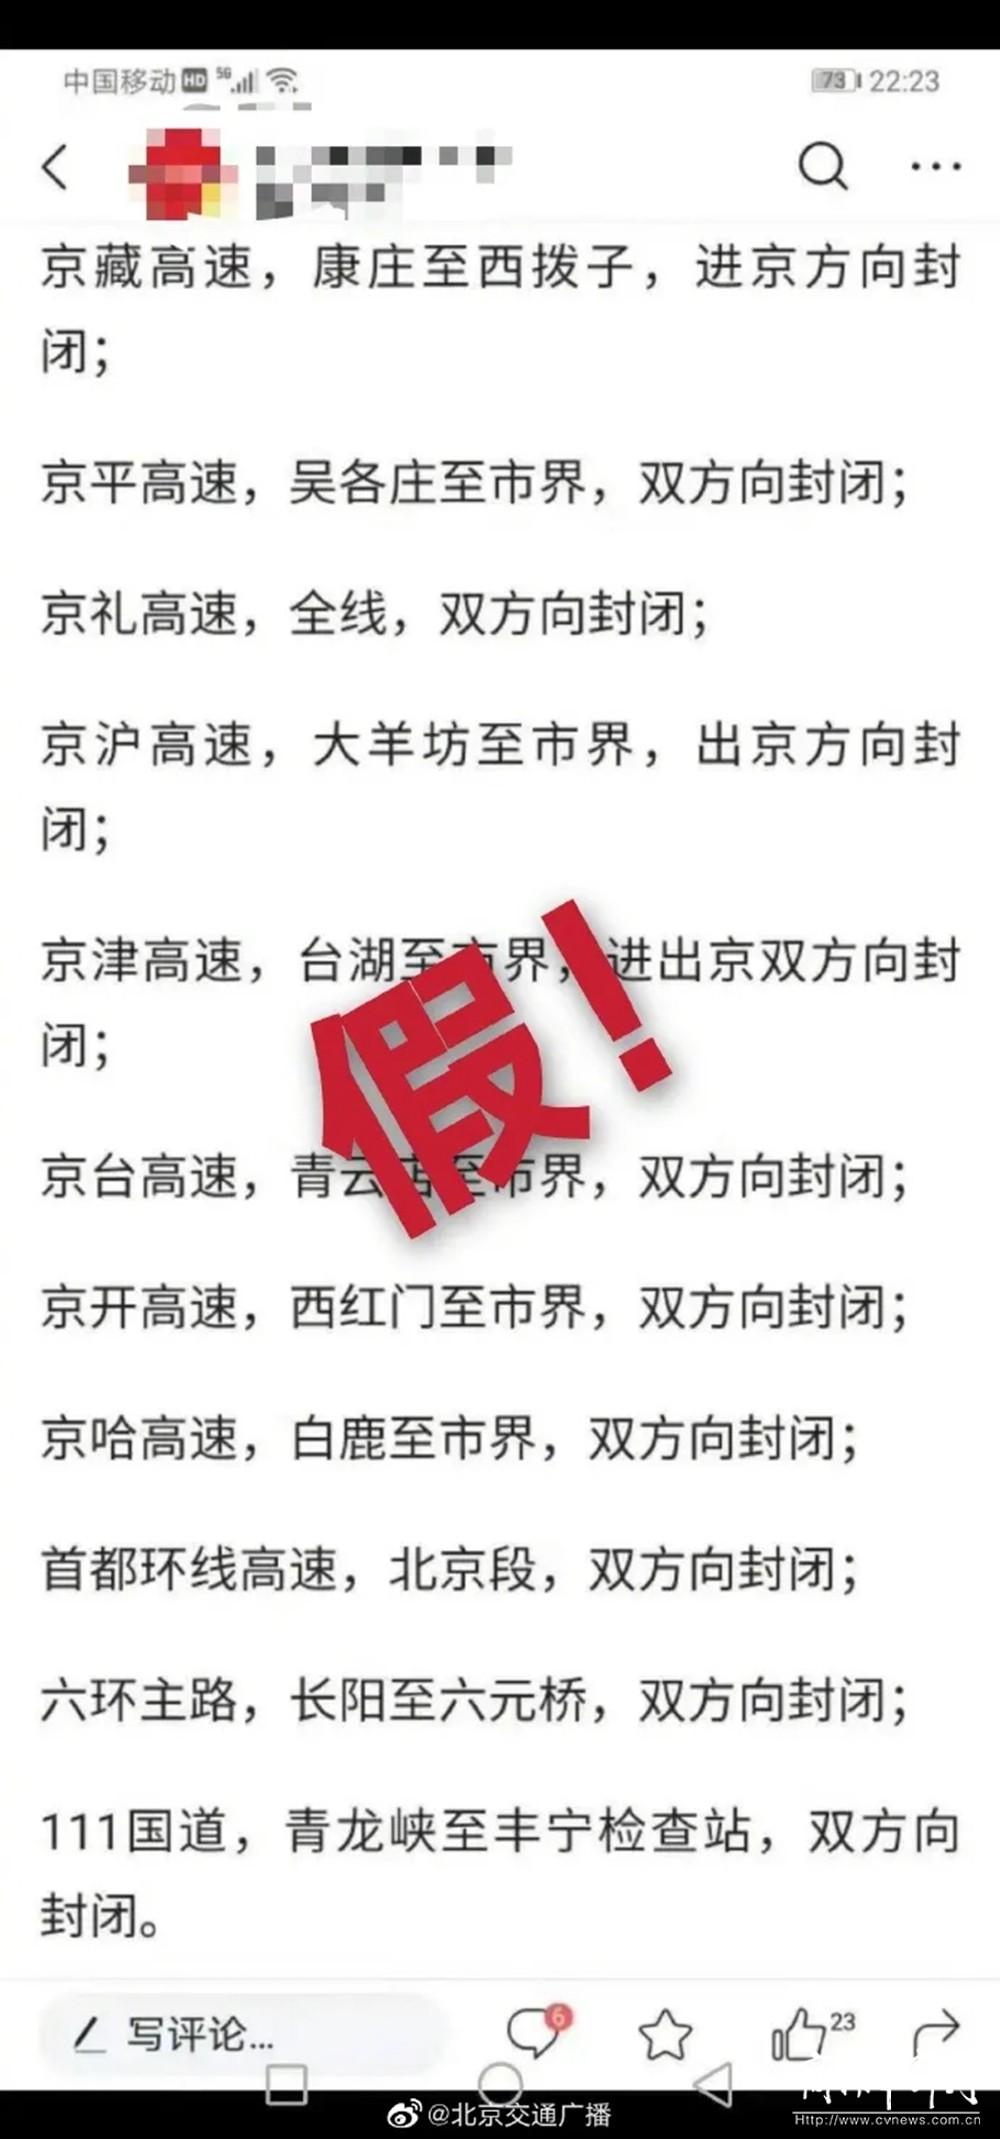 """隔离、滞留、押车卸货、高速""""被""""封......北京战""""疫""""卡友将何去何从"""